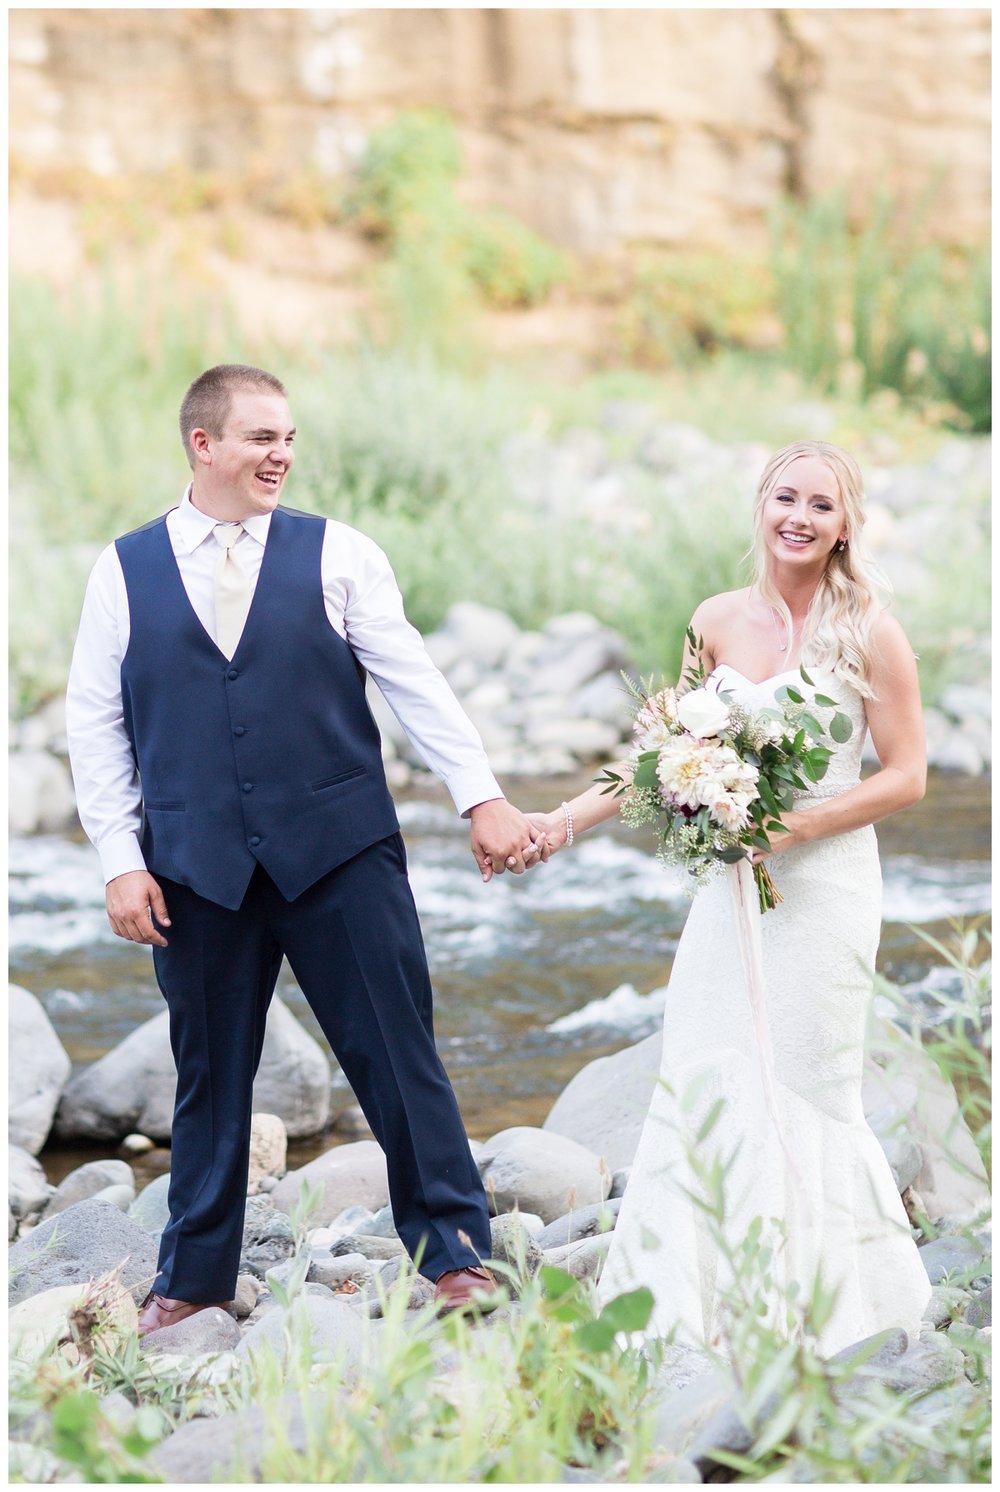 Centerville-Estates-Wedding-Photographer_6006.jpg